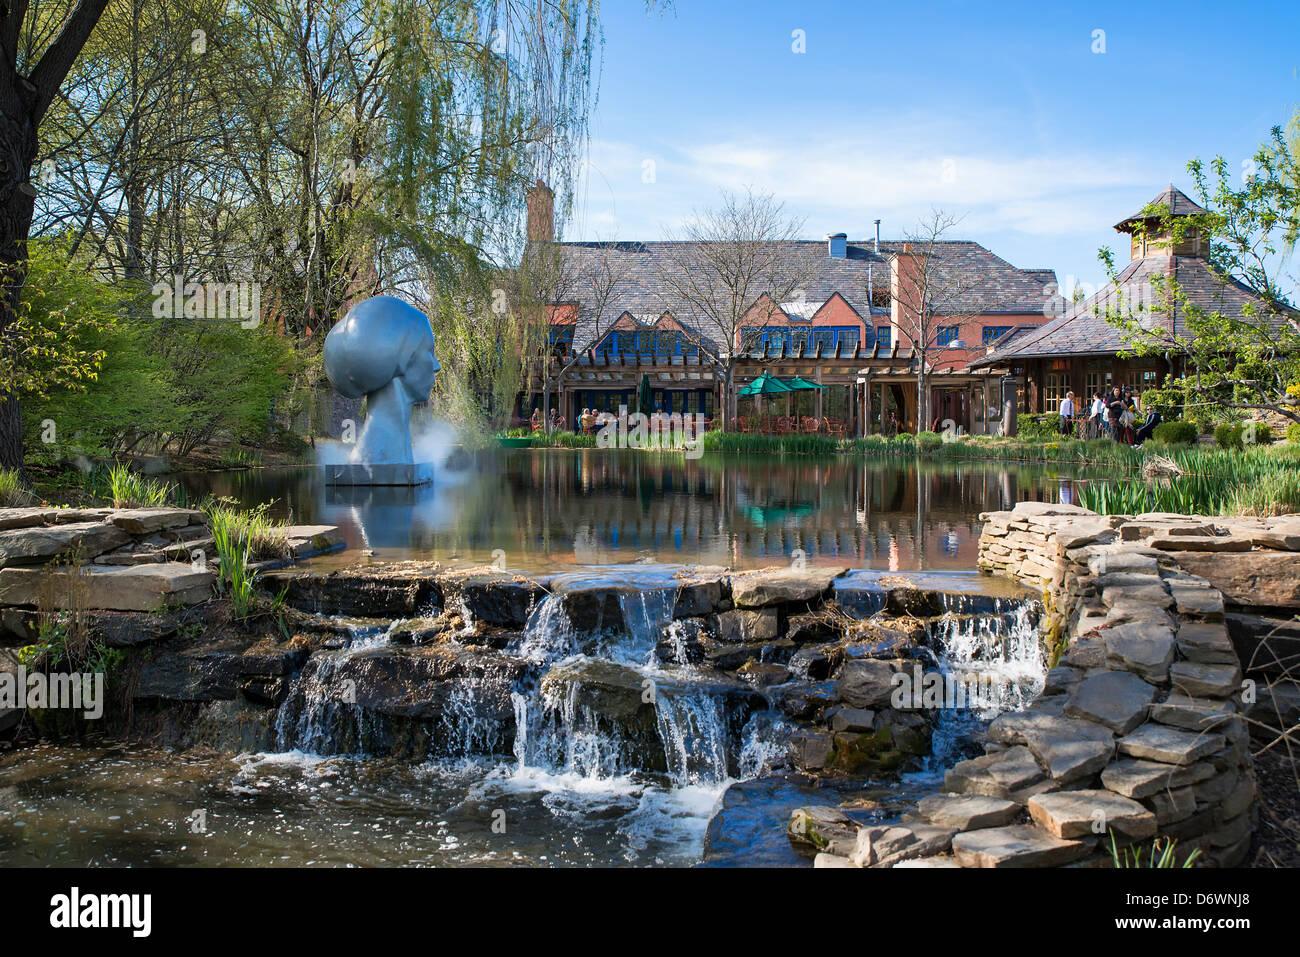 Ratte in den Restaurant, Gründe für Skulptur, Hamilton, New Jersey, USA Stockbild